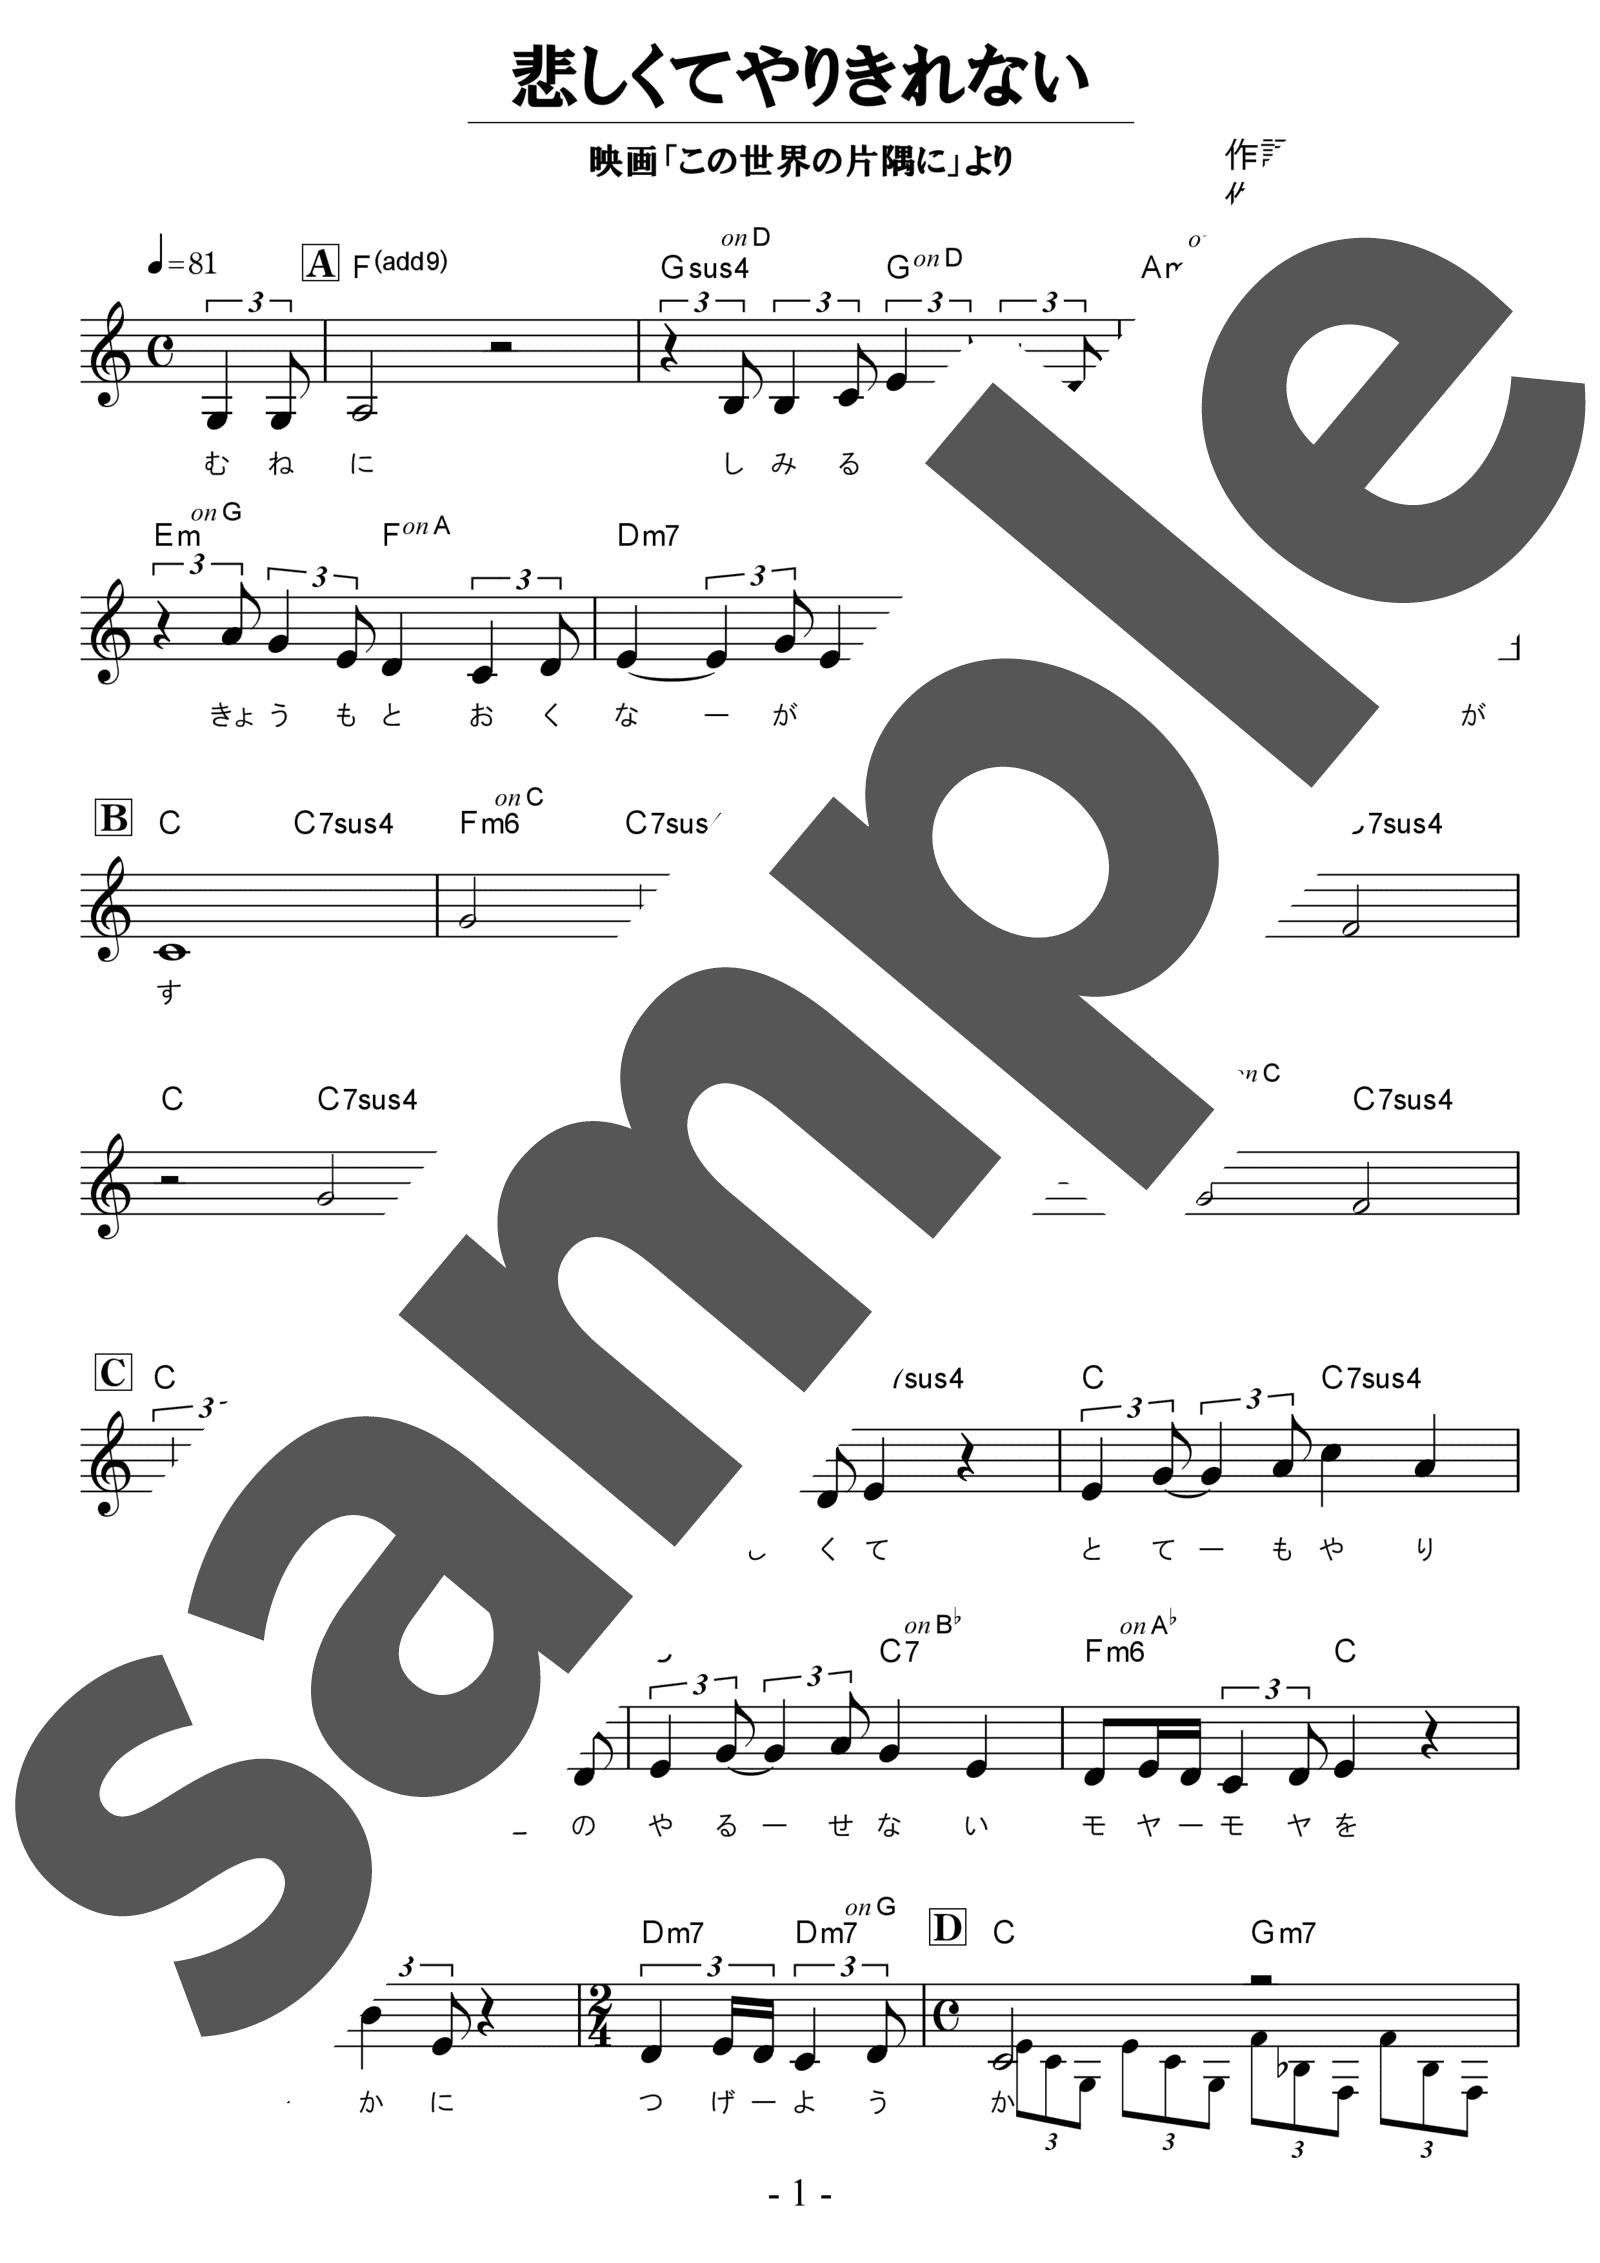 「悲しくてやりきれない」のサンプル楽譜